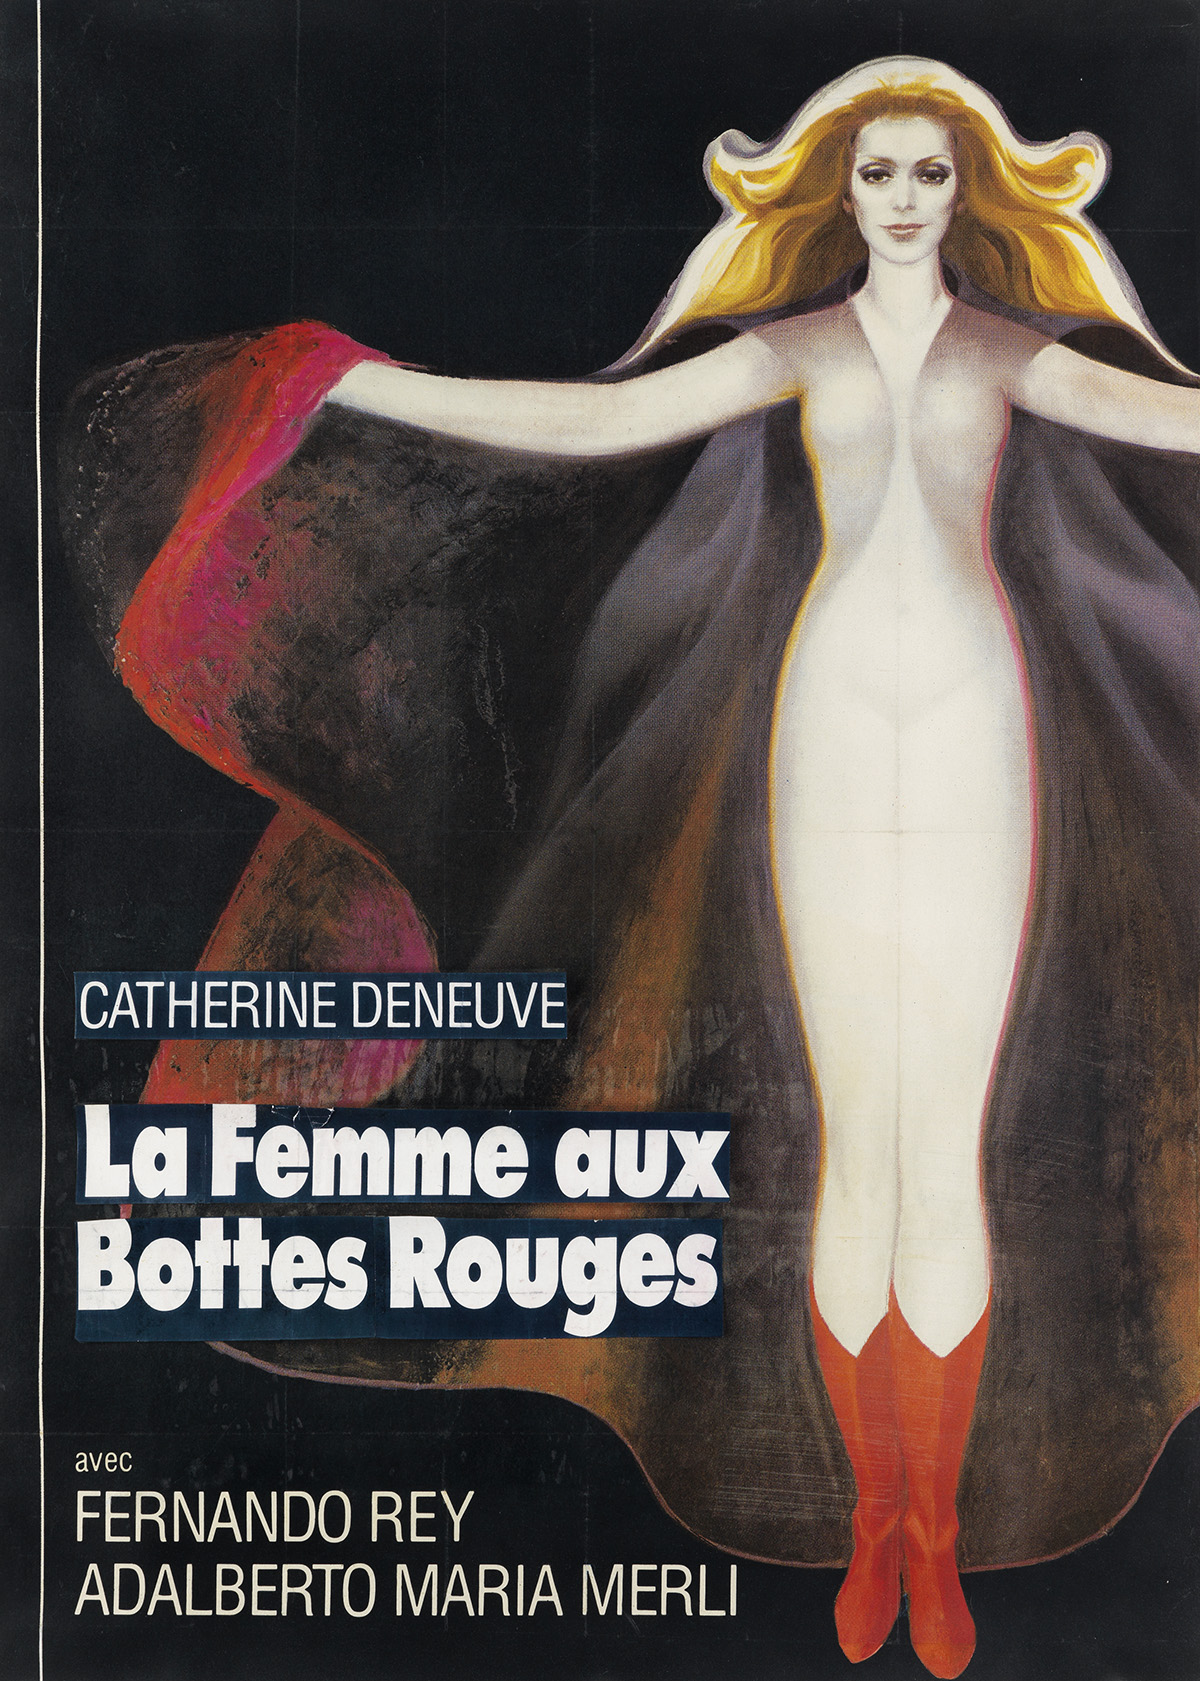 DESIGNER-UNKNOWN-LA-FEMME-AUX-BOTTES-ROUGES--CATHERINE-DENEUVE-1974-42x30-inches-108x77-cm